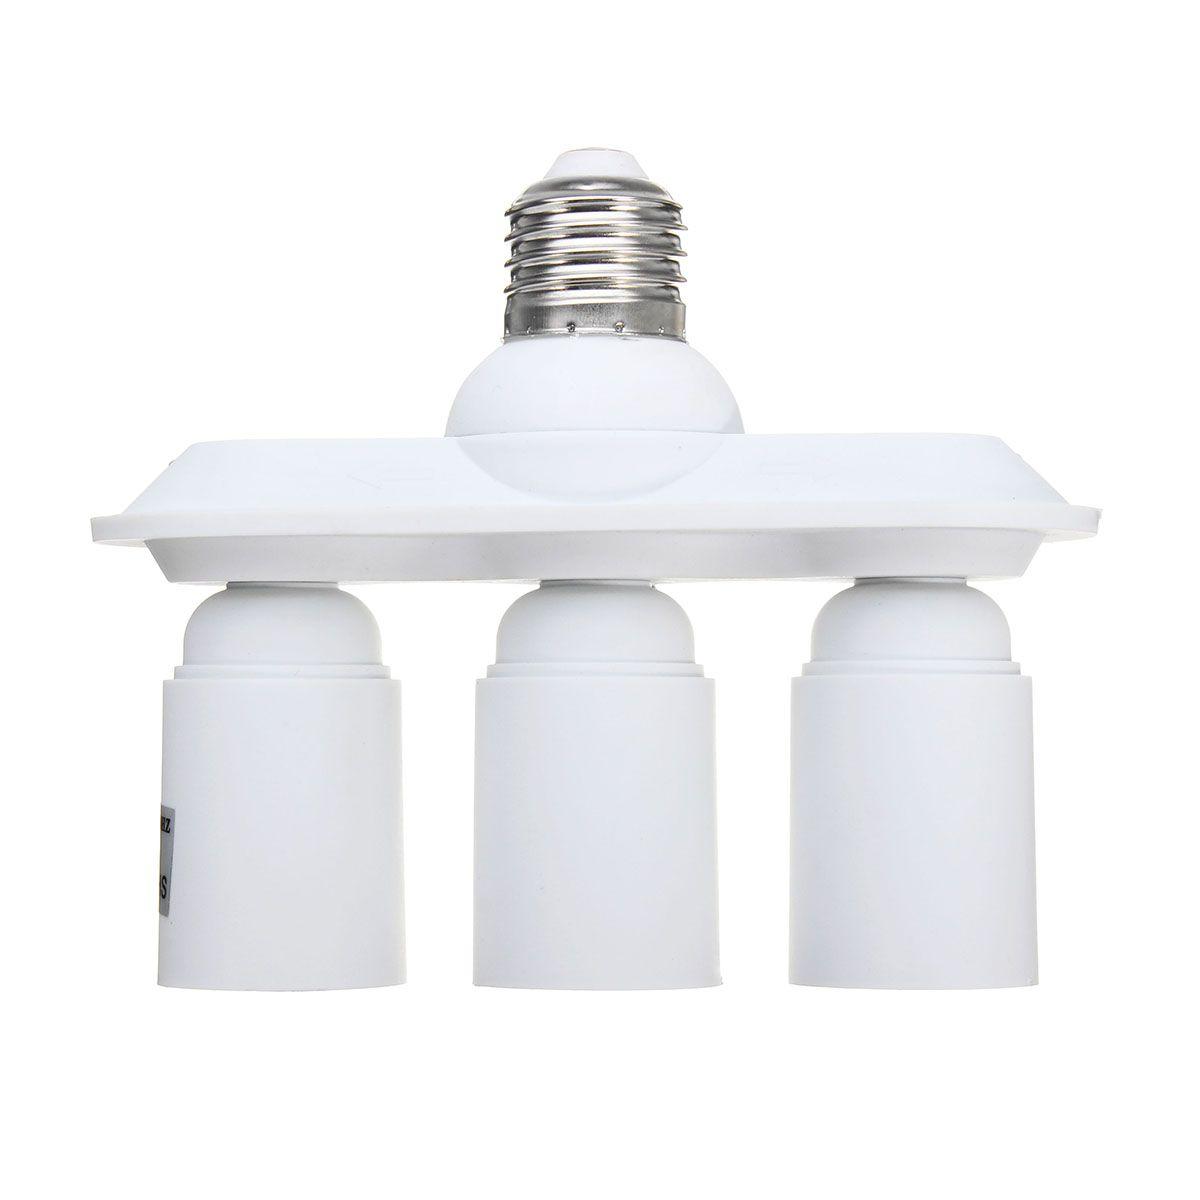 3 In 1 E27 E26 To E27 Led Light Bulb Socket Splitter Adapter Lamp Holder With Images Lamp Holder Led Light Bulb E27 Led